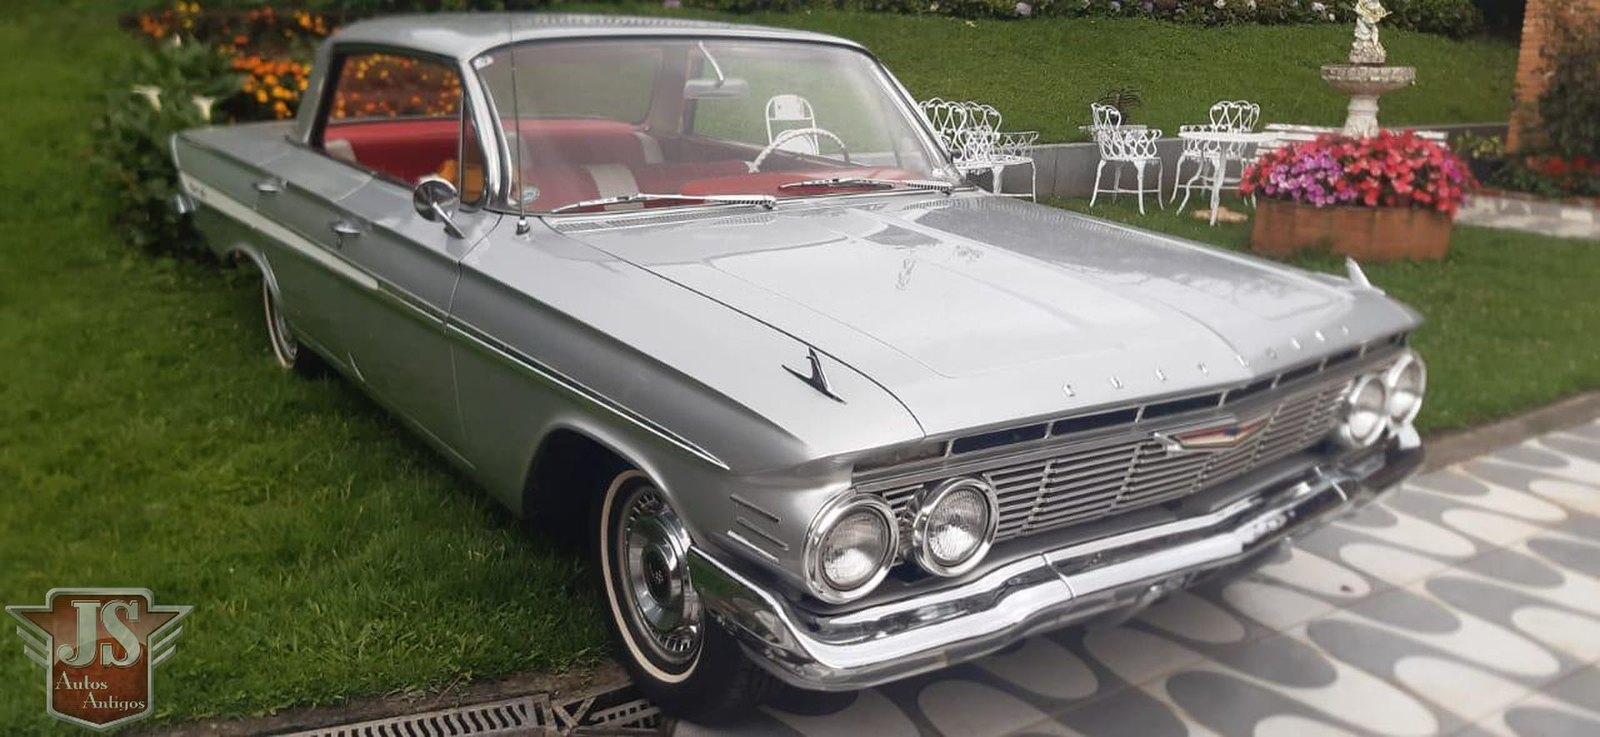 Impala 1961 Sedan 4 Portas 6 Cil.